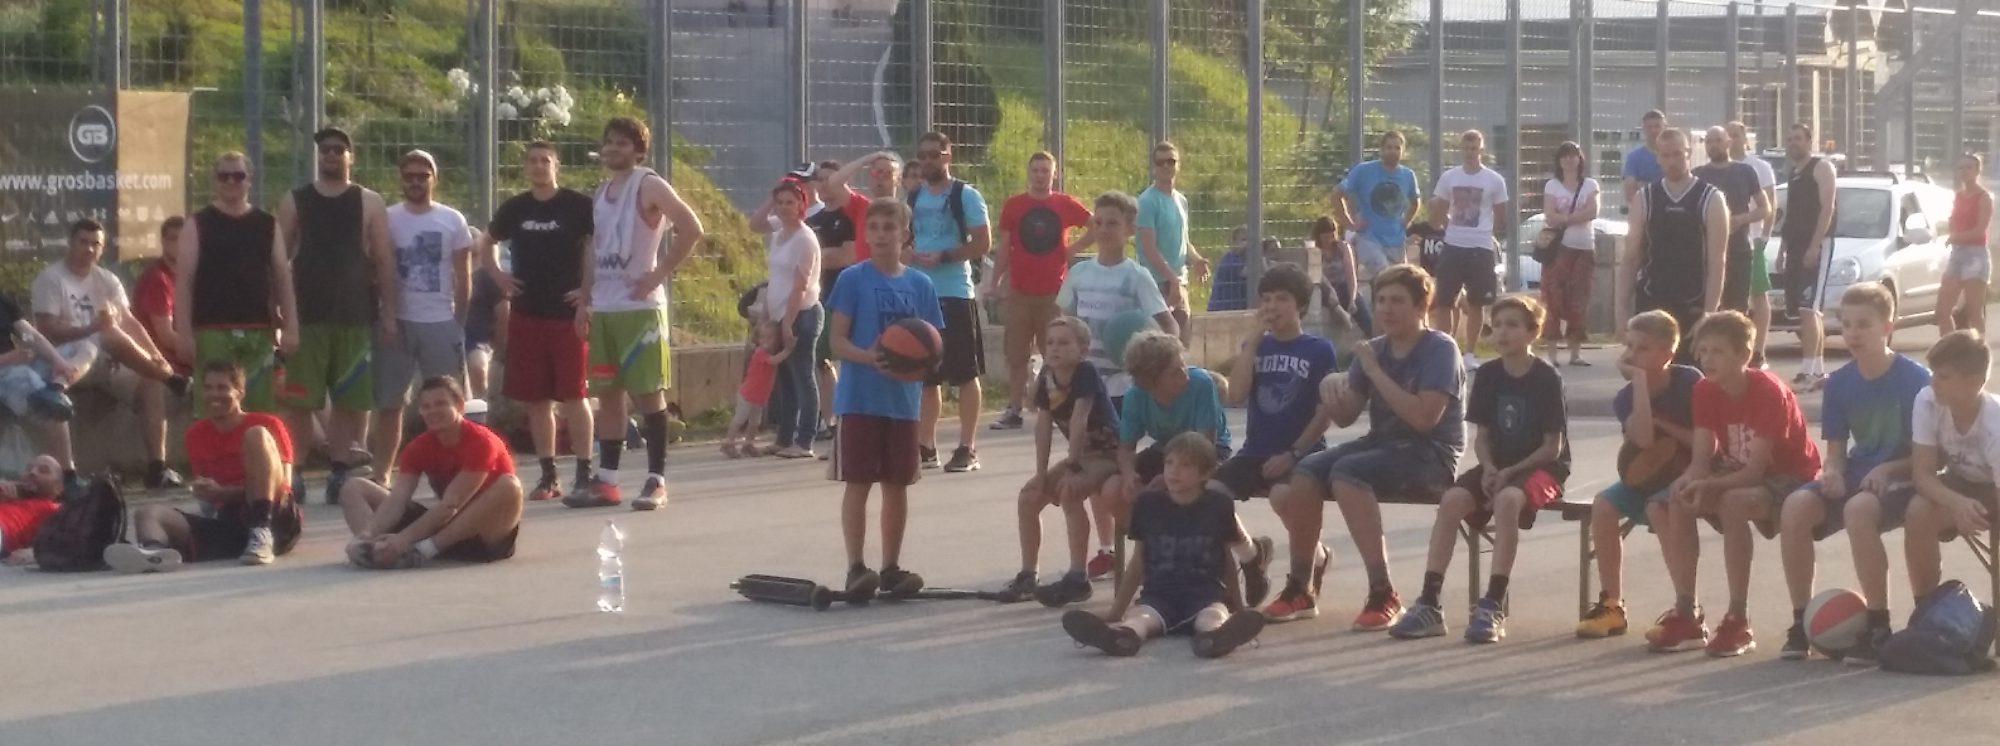 Perkmandlc turnir Idrija 2018